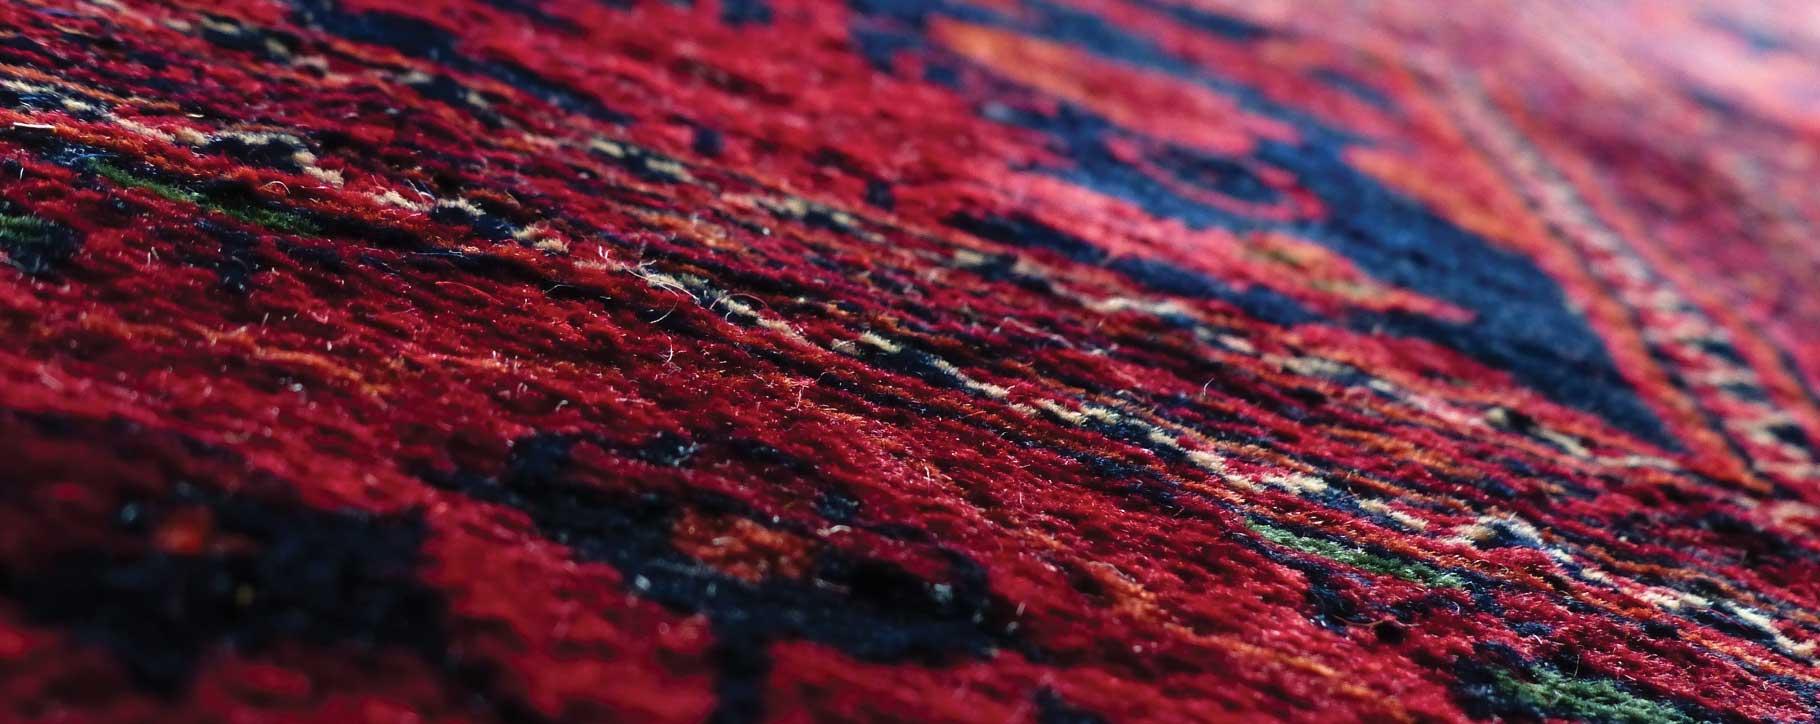 Red Persian Rug Repair